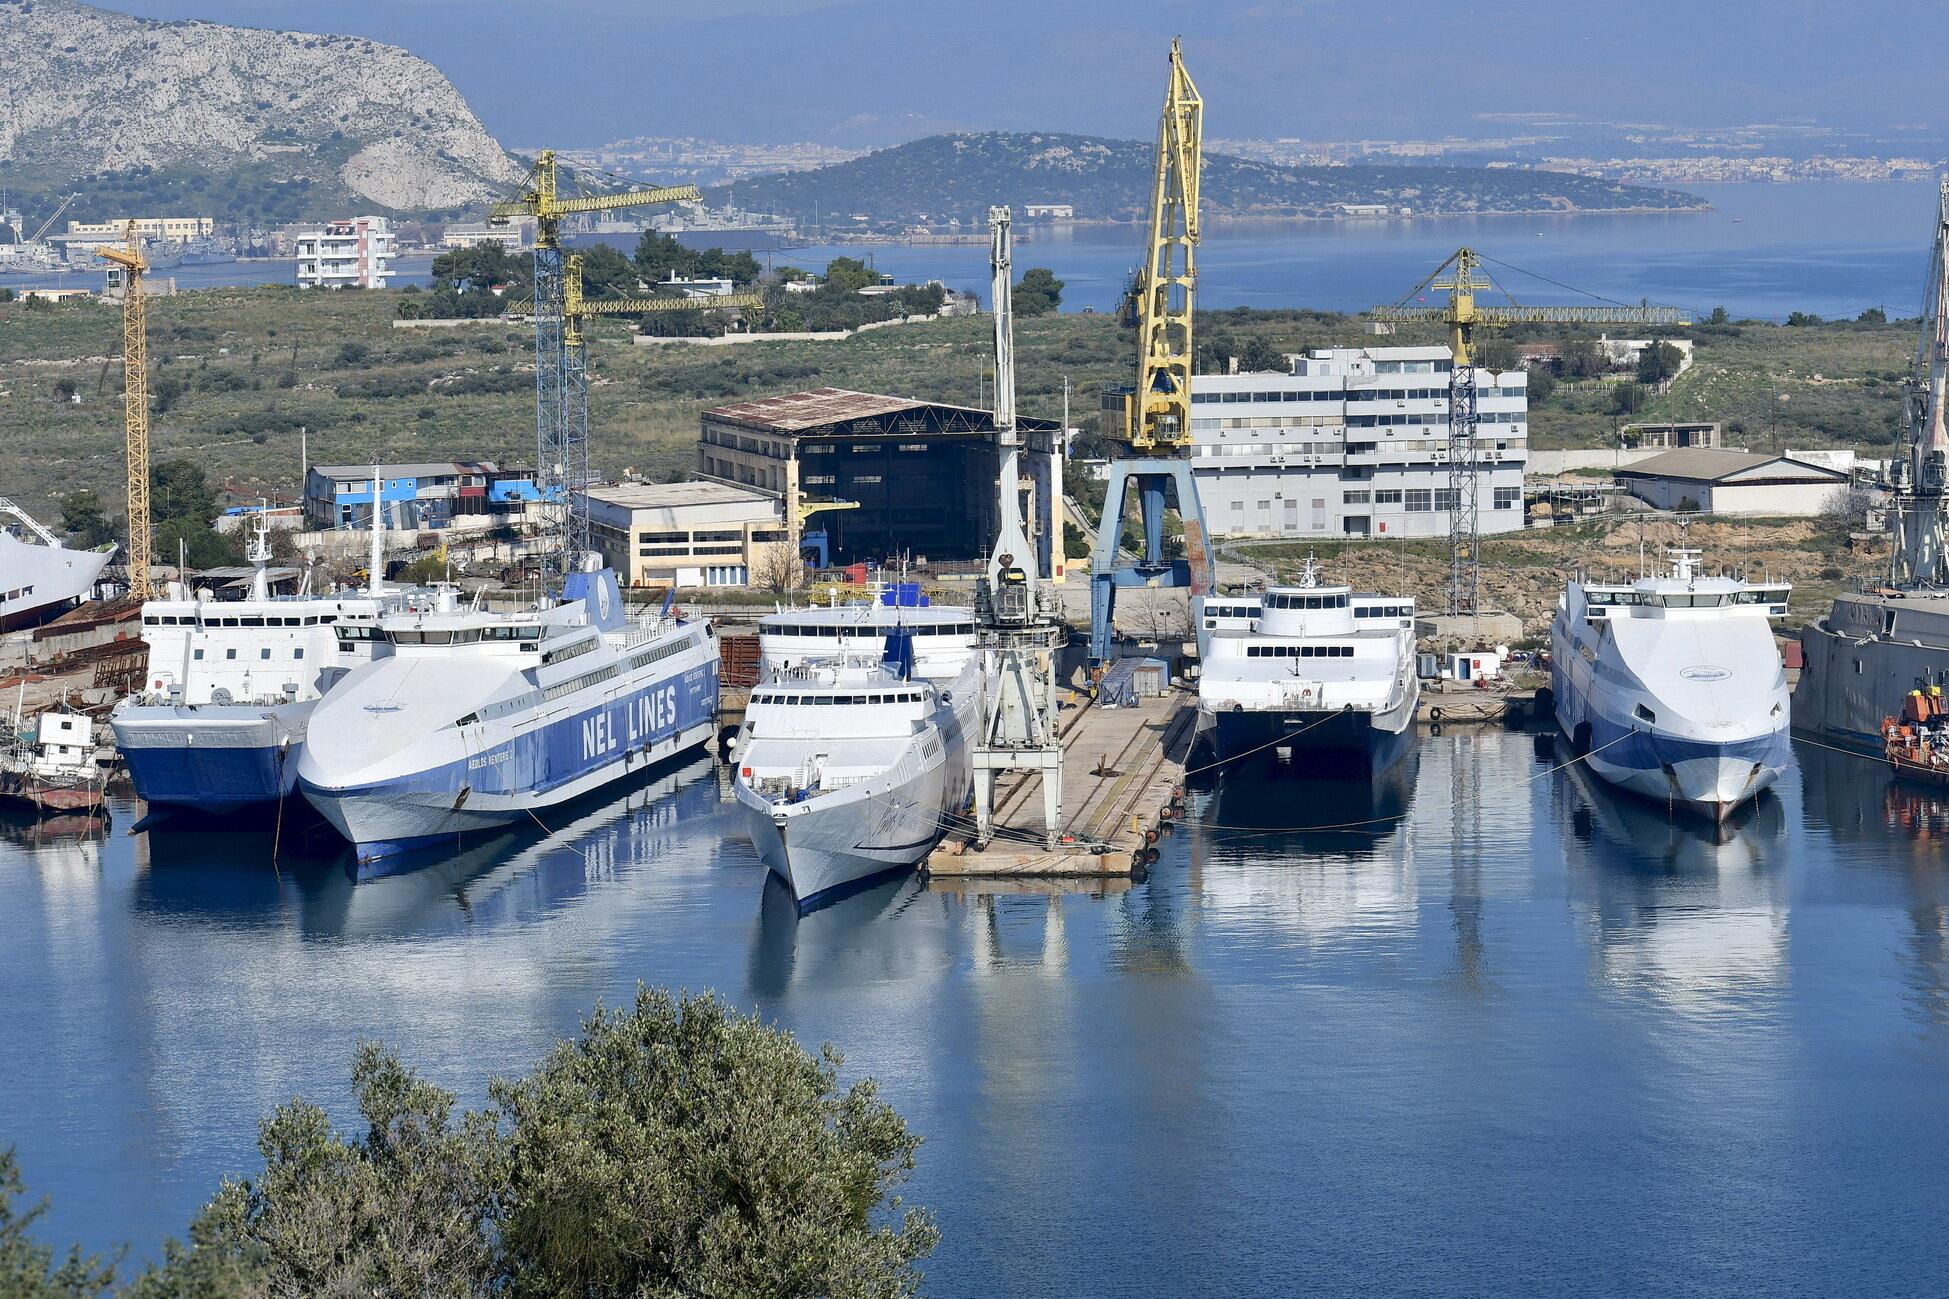 Alkioni_Aeolos Kenteris I_Paros Jet_Naxos Jet_Andros Jet_Aeolos Kenteris II_10-02-19_Ambelaki Salaminas